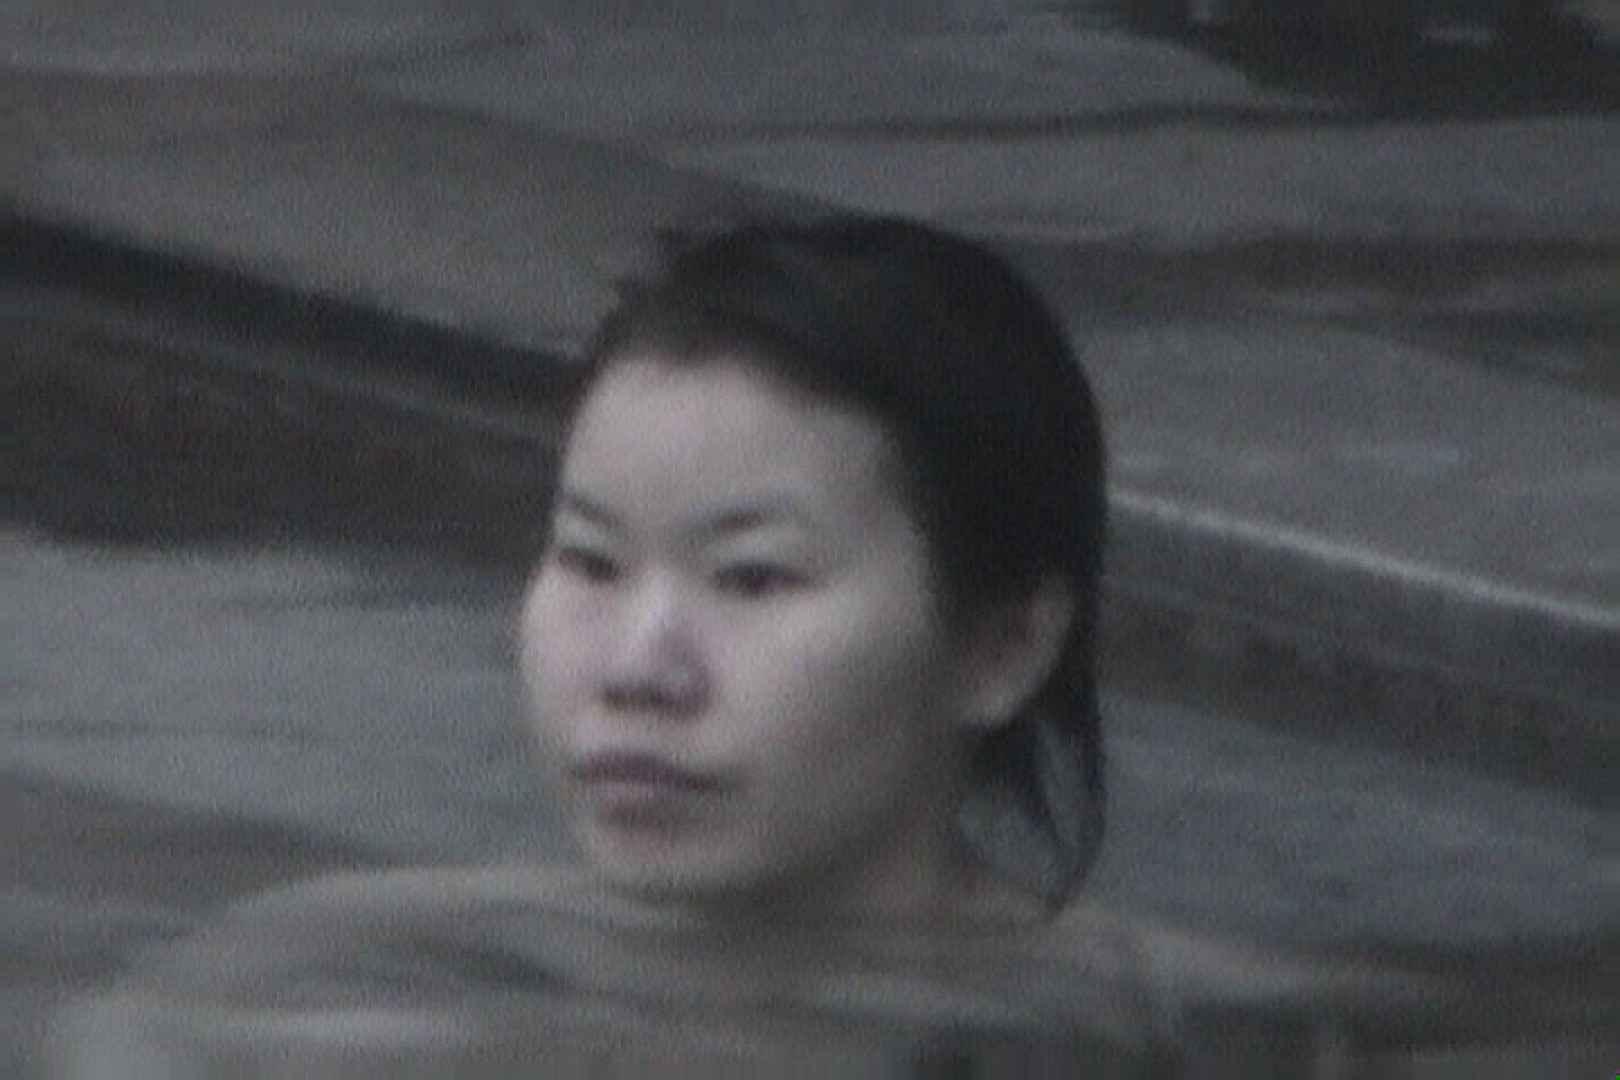 Aquaな露天風呂Vol.556 盗撮動画 | 露天風呂  11枚 11